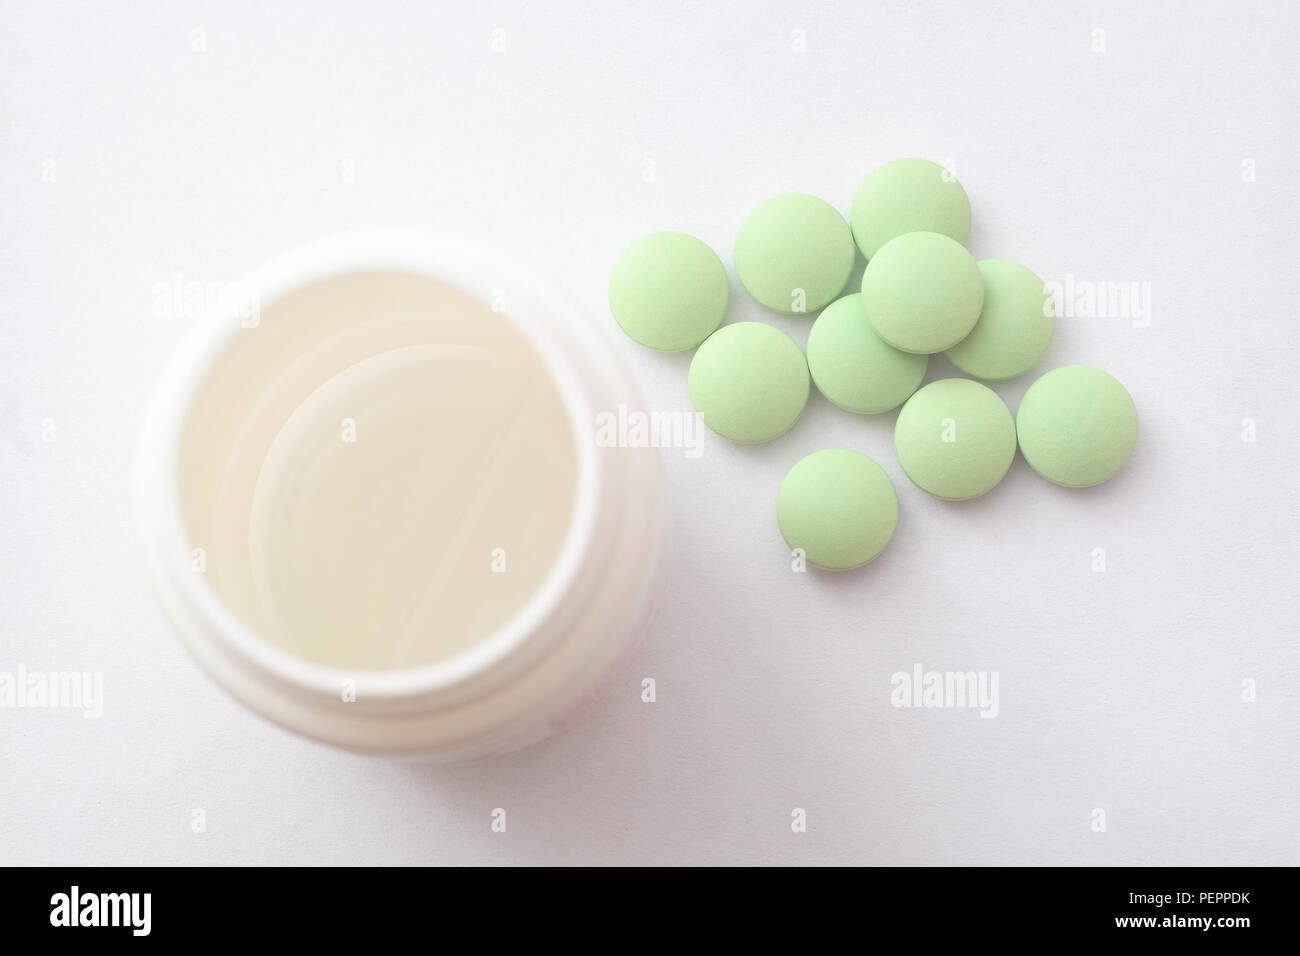 Medikamente. Weiße Pillen, weißen Hintergrund. Ein Glas mit Pillen Stockfoto